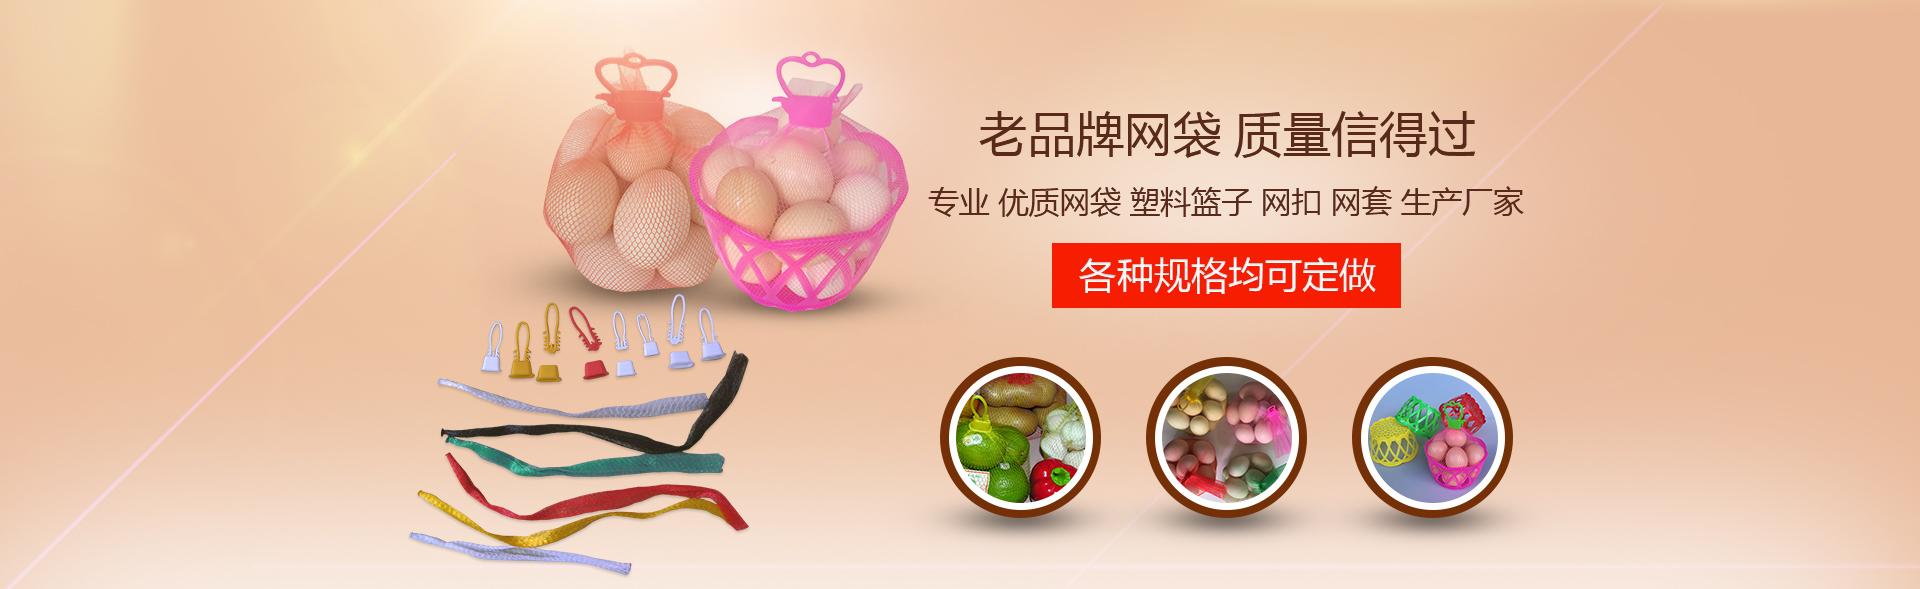 专业 优质网袋 塑料篮子